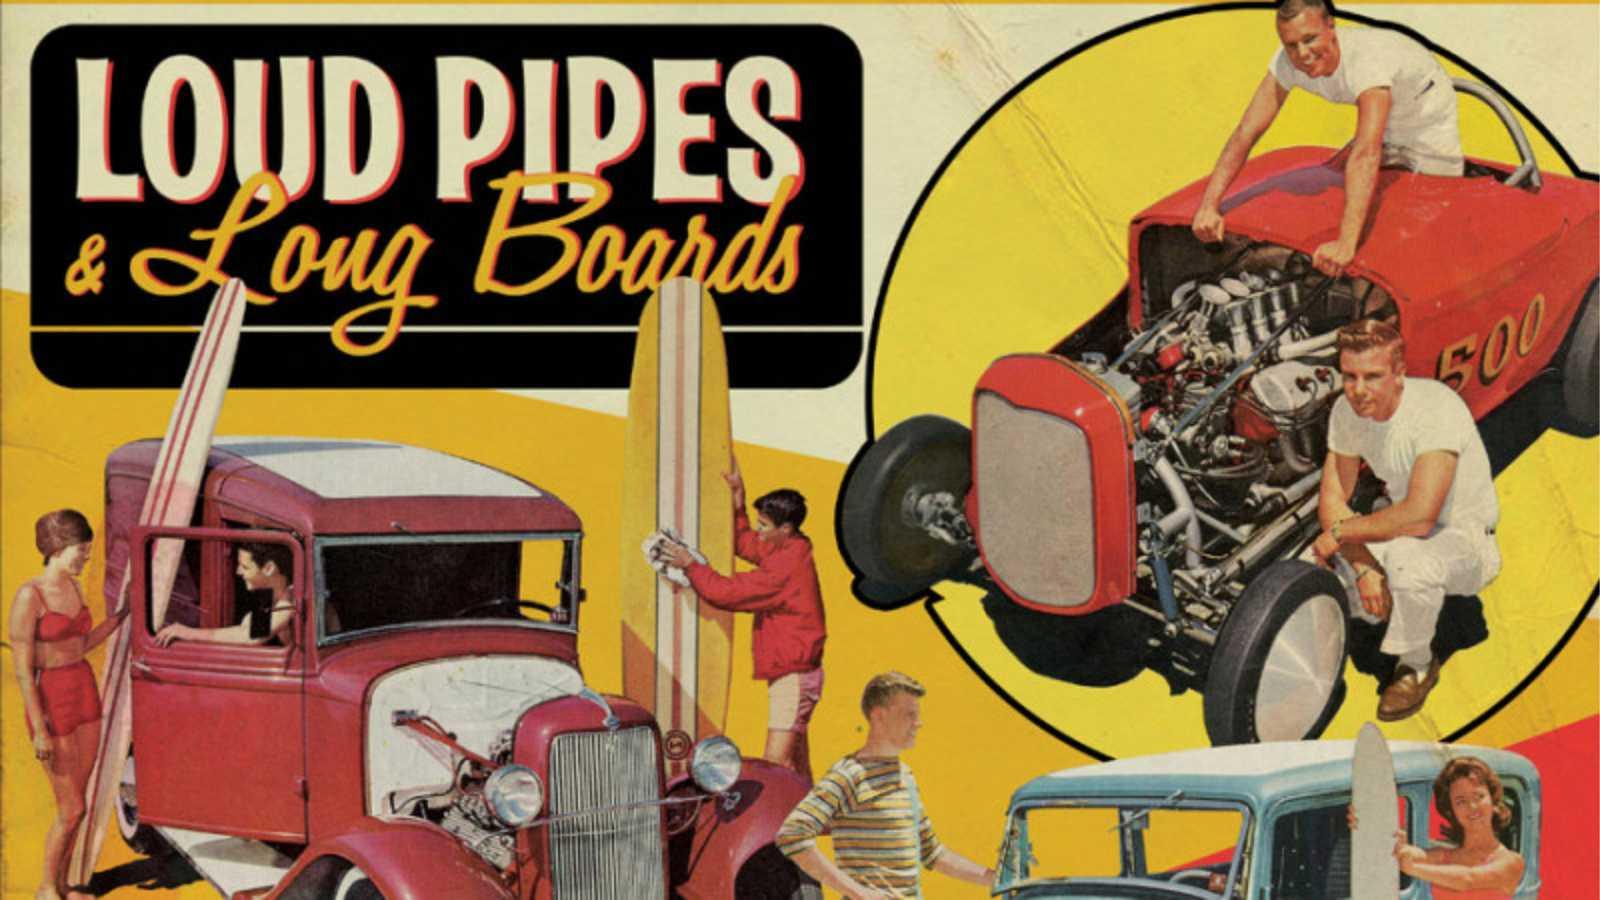 El Sótano - Loud Pipes y Long Boards - 05/10/20 - escuchar ahora